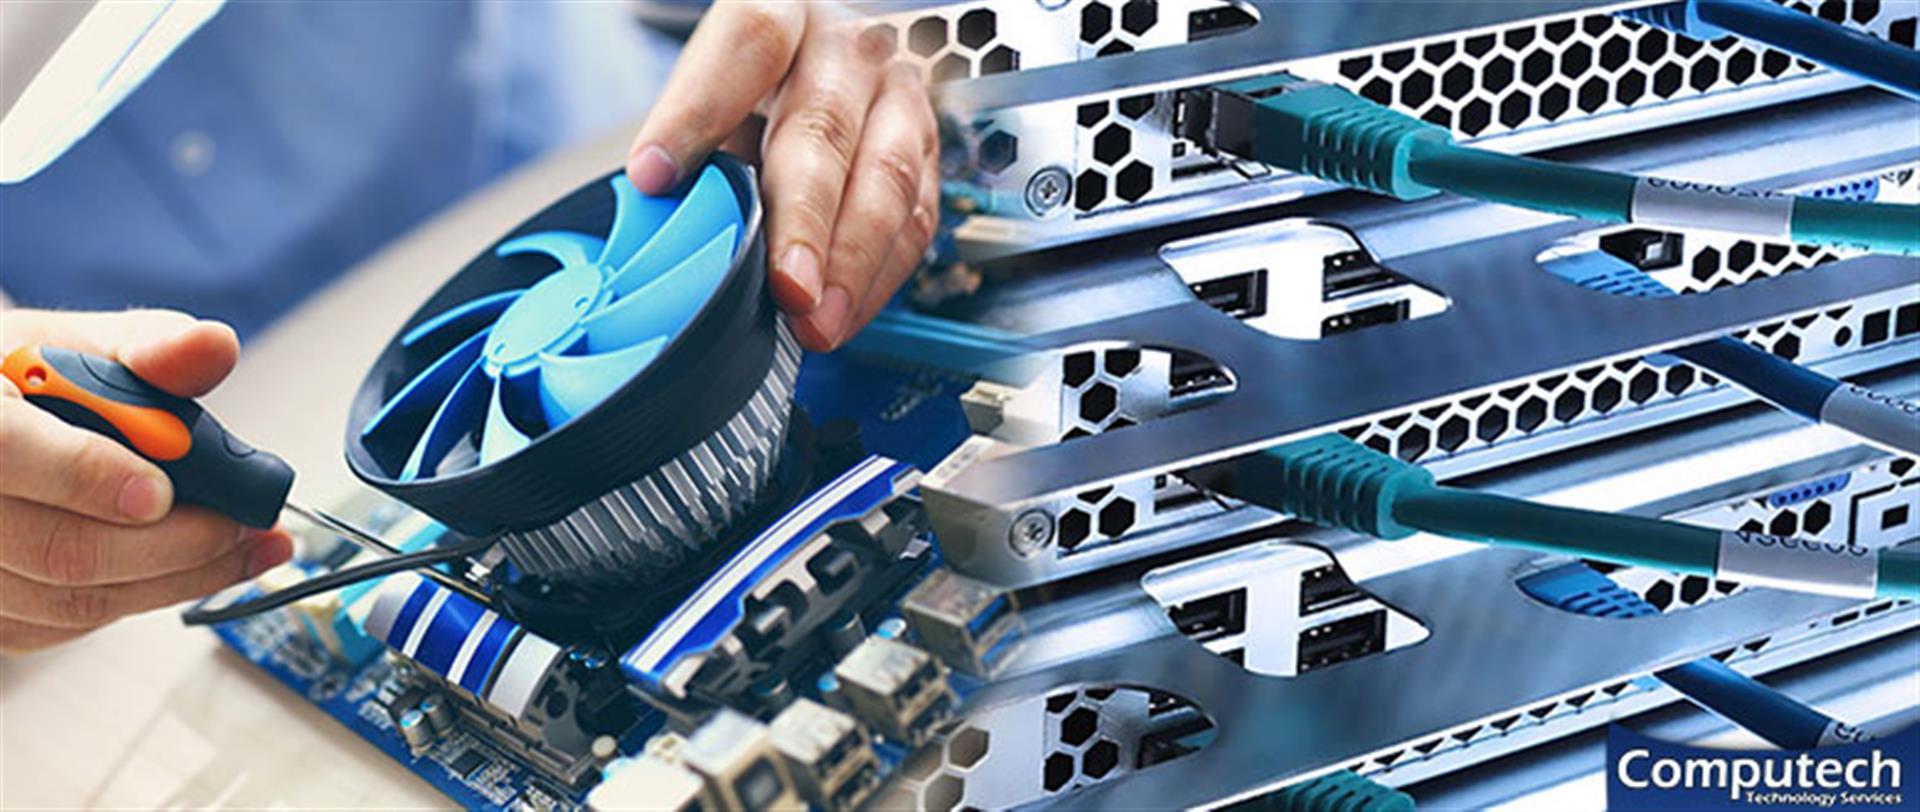 Dacula Georgia Onsite Computer & Printer Repair, Network, Voice & Data Cabling Solutions